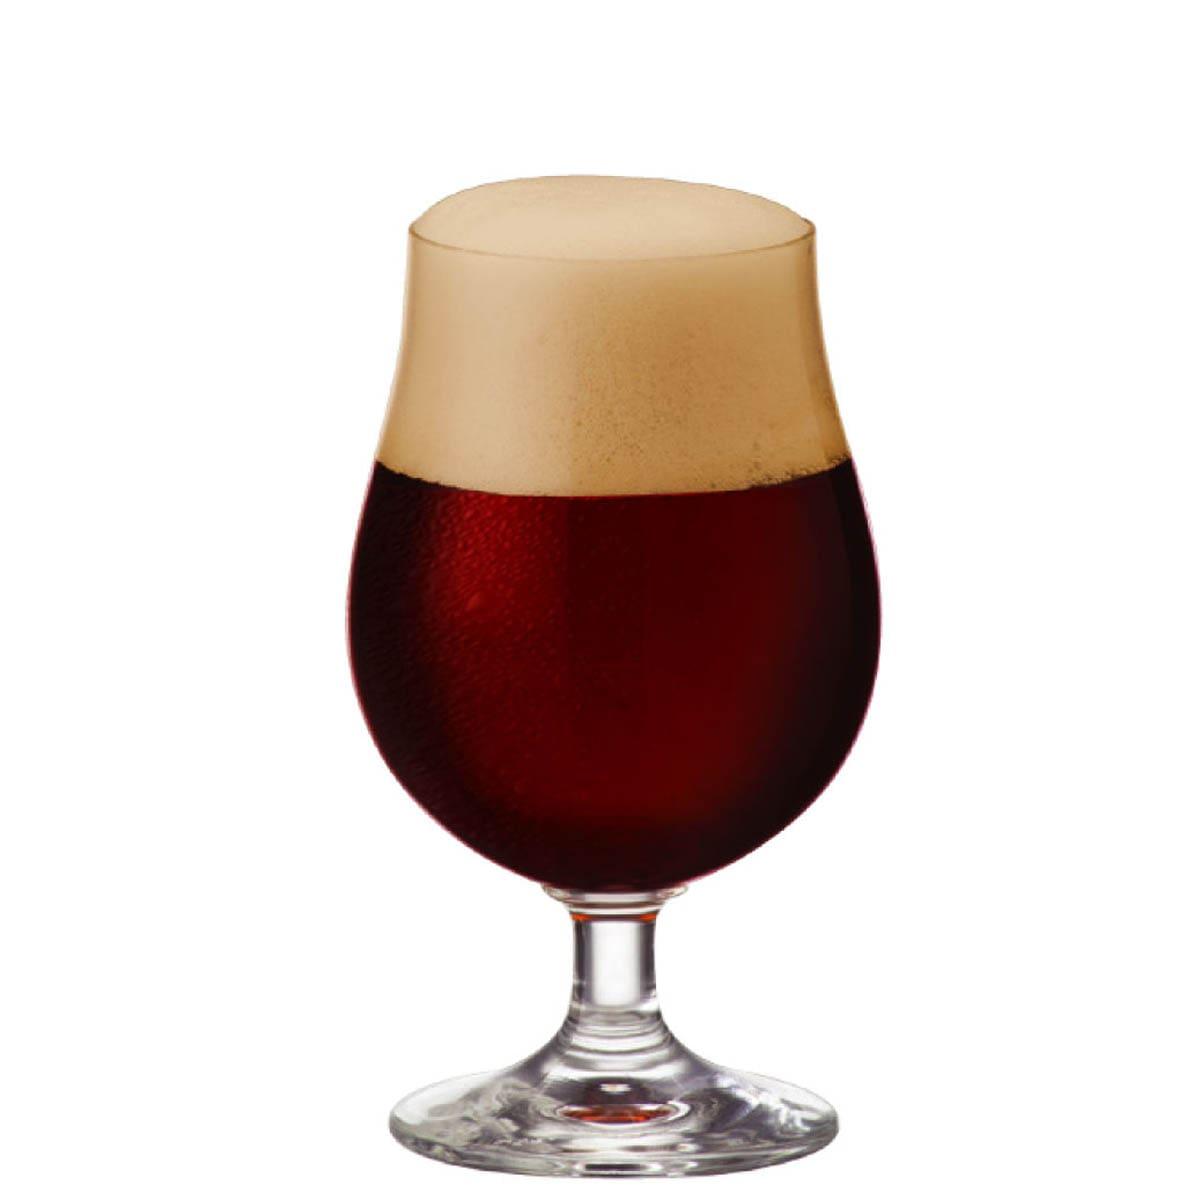 Taça Bock de Cerveja Vidro  380ml (Caixa com 12 unidades)